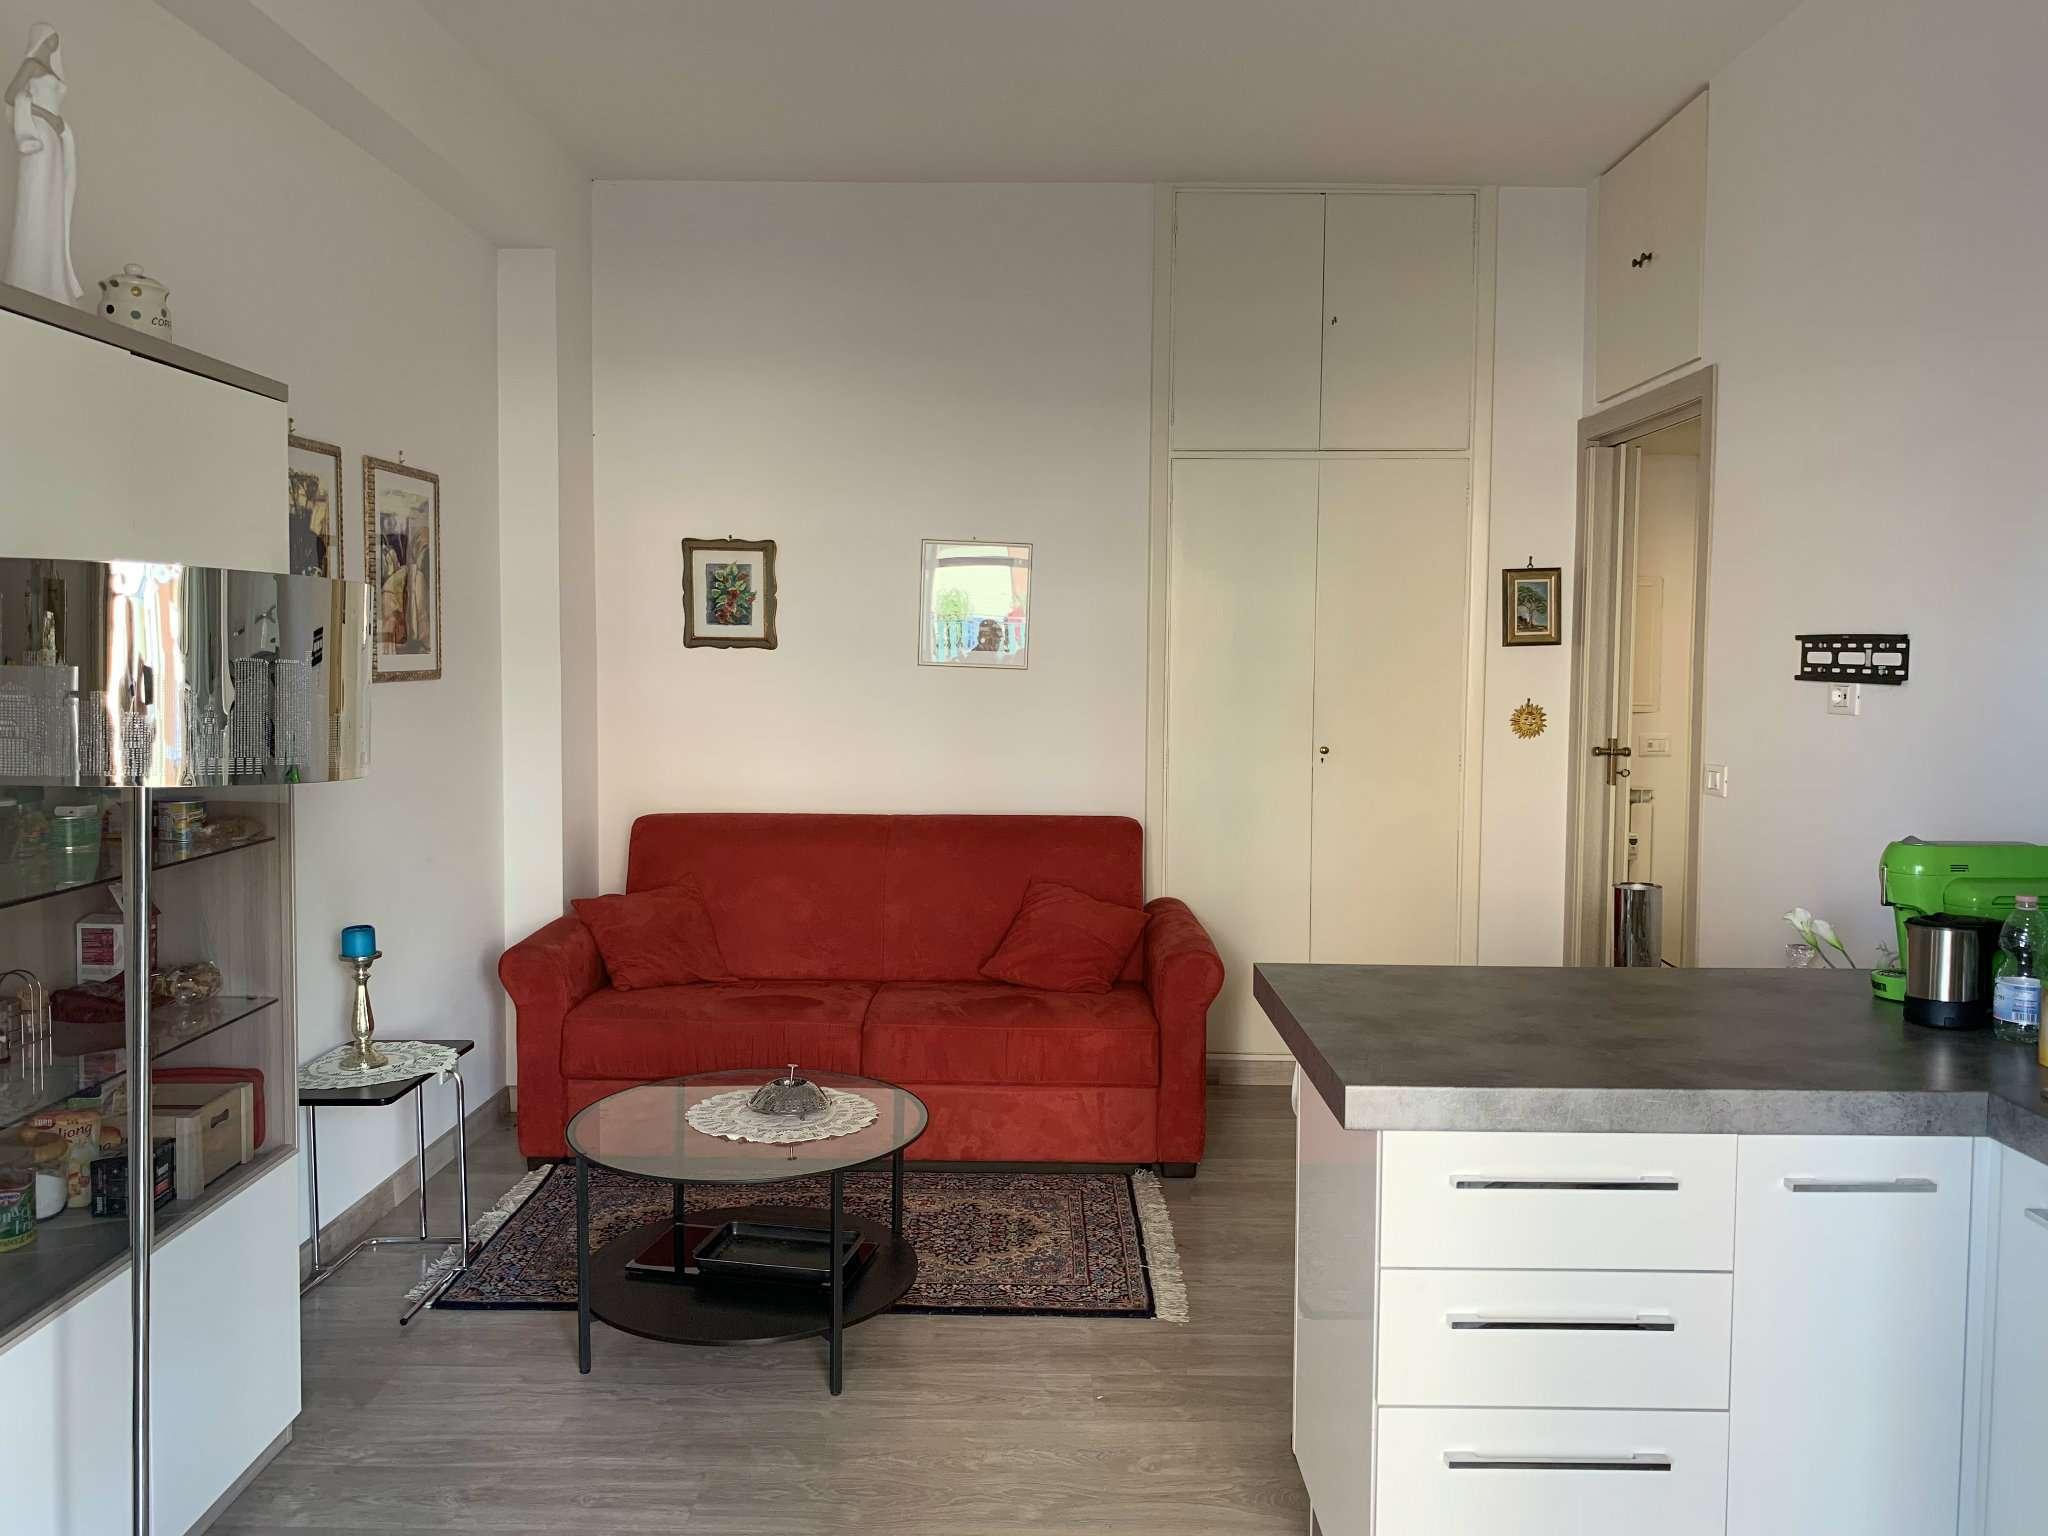 Appartamento in vendita a Roma, 2 locali, zona Zona: 20 . Marconi - Ostiense, prezzo € 179.000 | CambioCasa.it